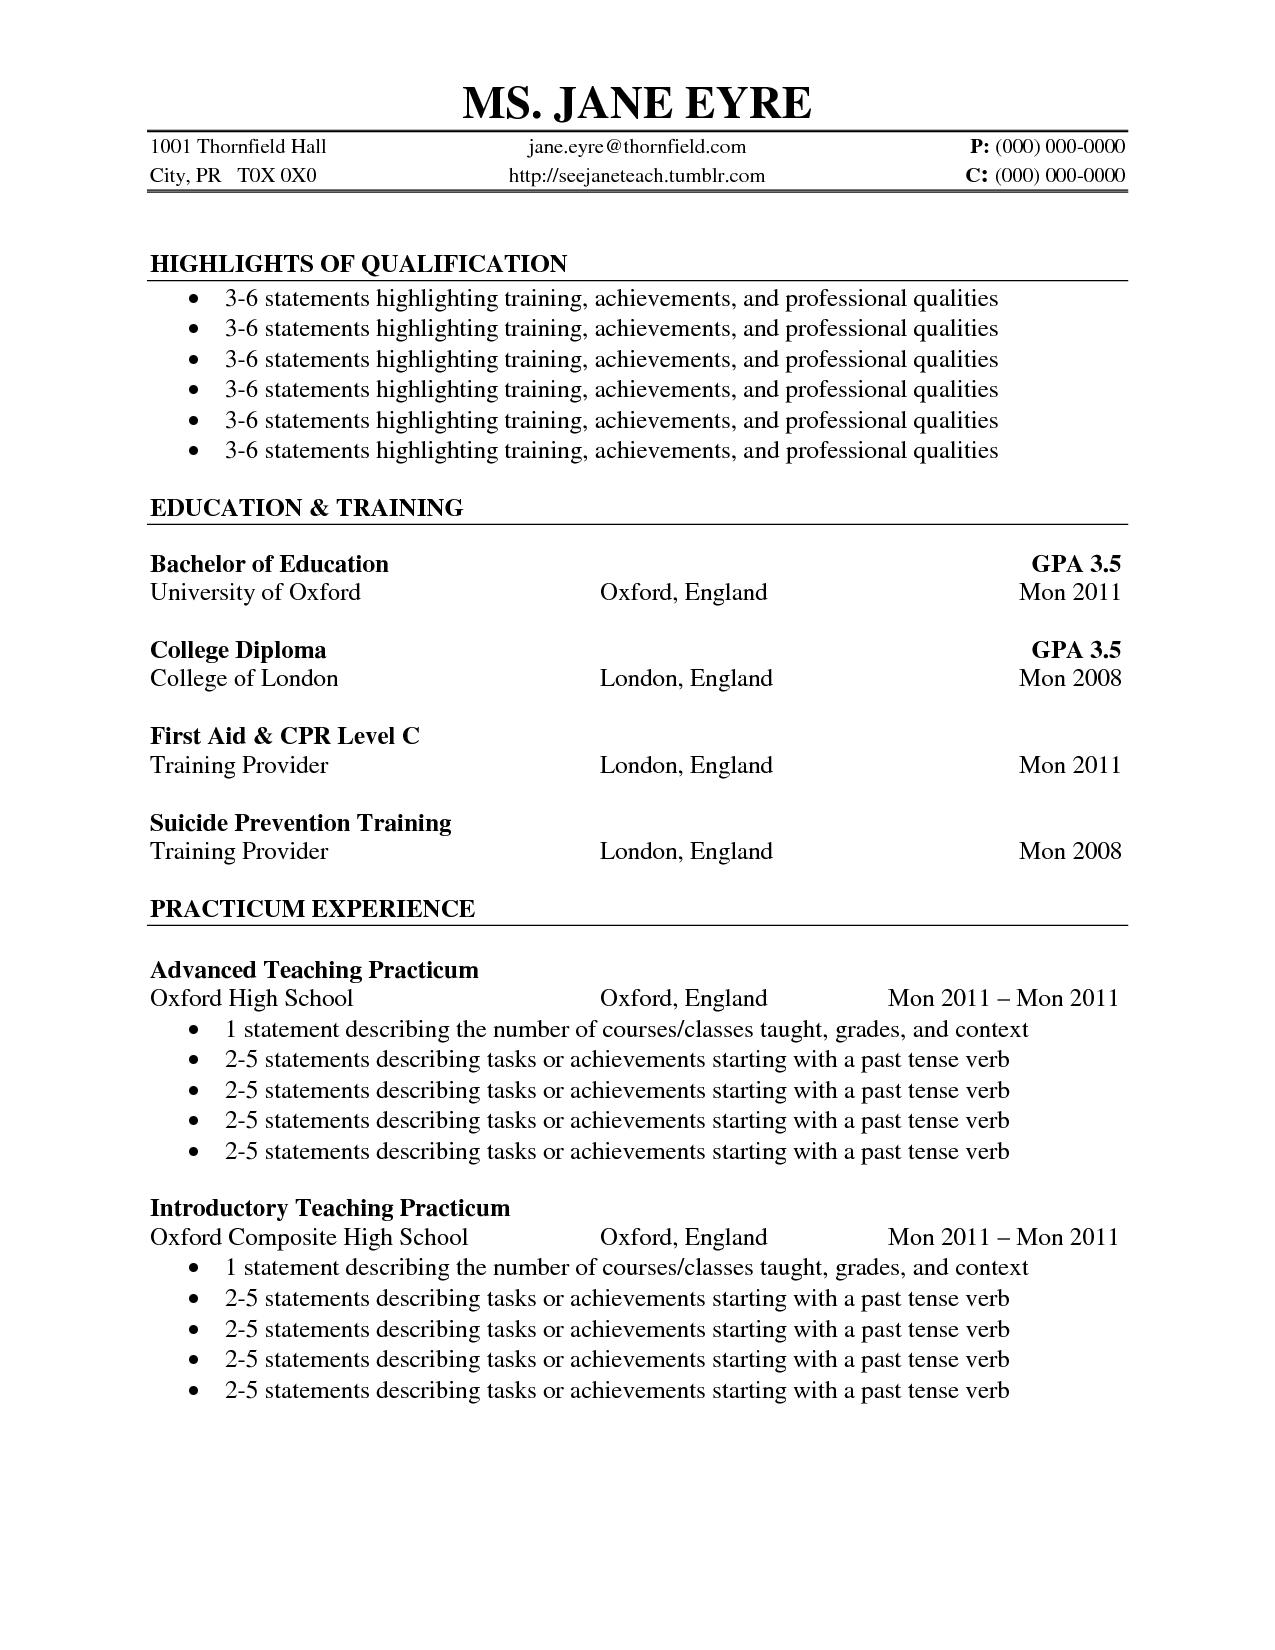 Cv Template Volunteer Work CustoVolunteer Work On Resume